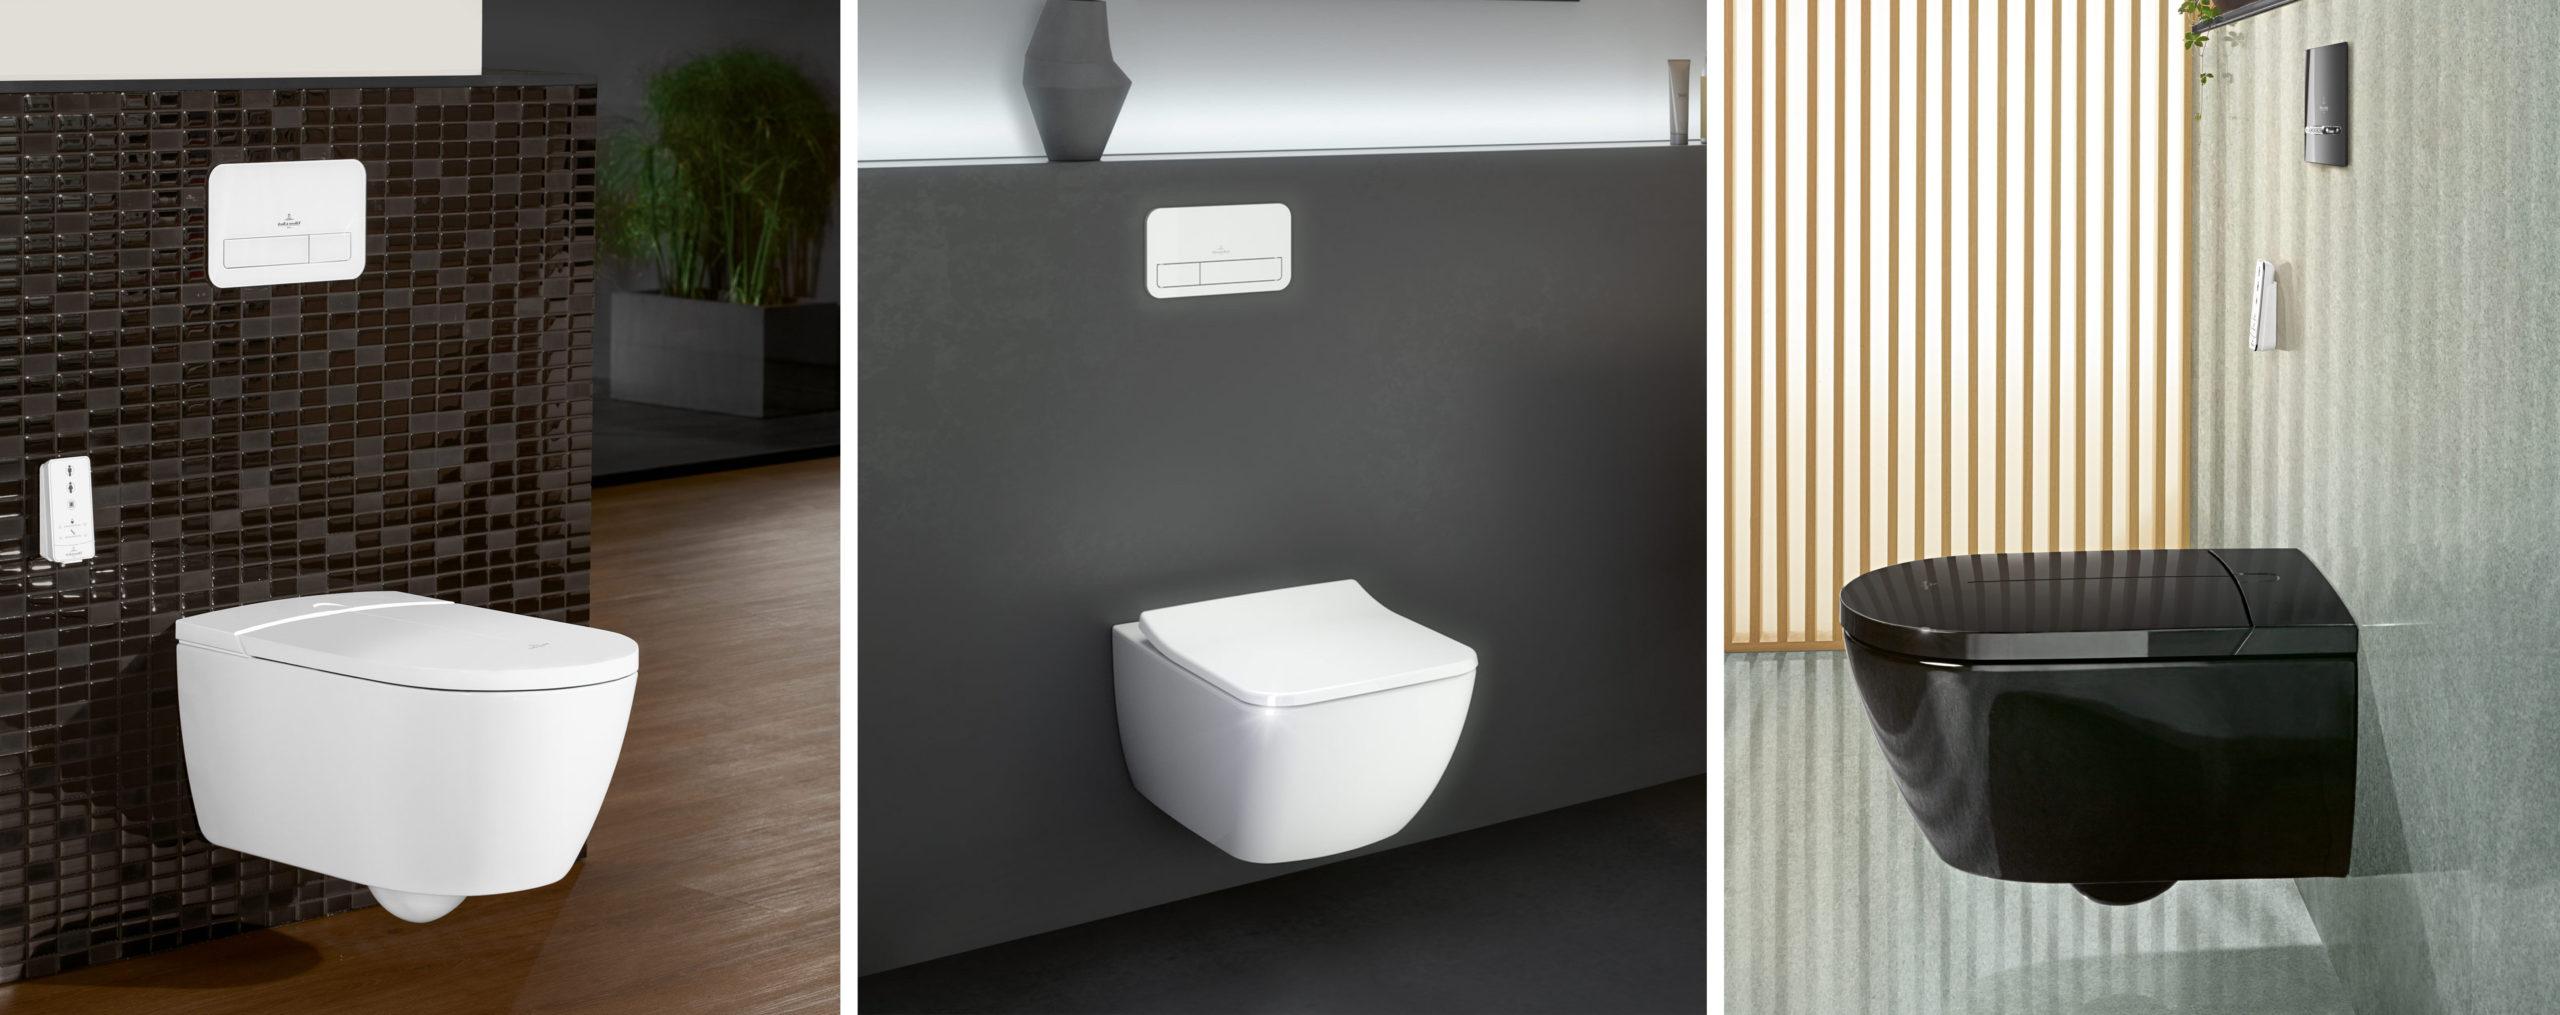 Villeroy & Boch toaletter dusjtoaletter